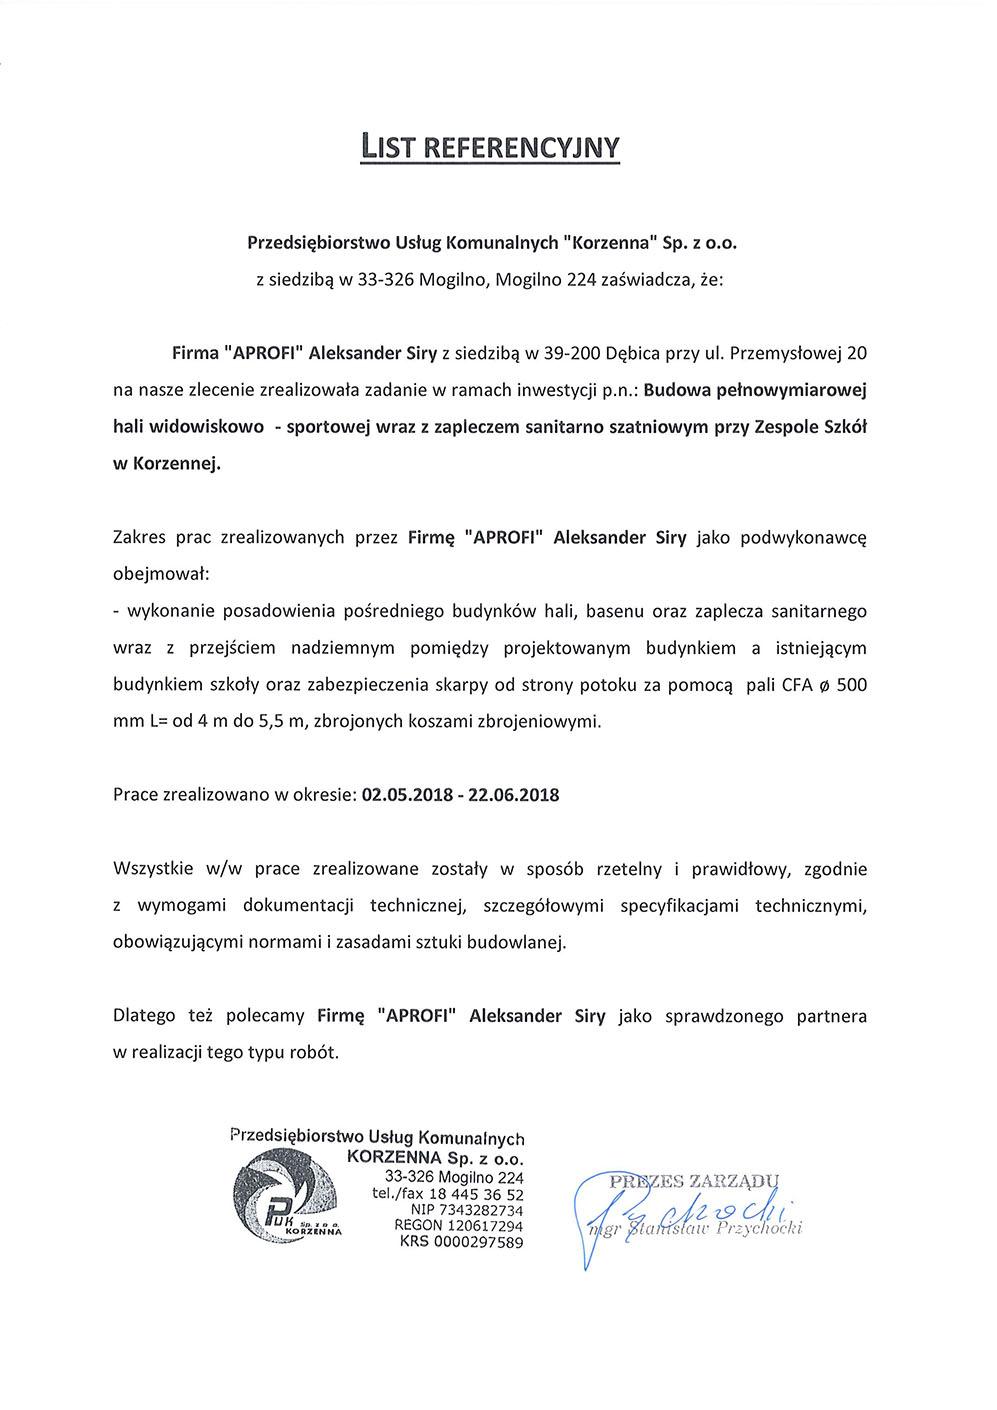 List referencyjny za wykonanie pali CFA dla hali widowiskowo-sportowej przy Zespole Szkół w Korzennej